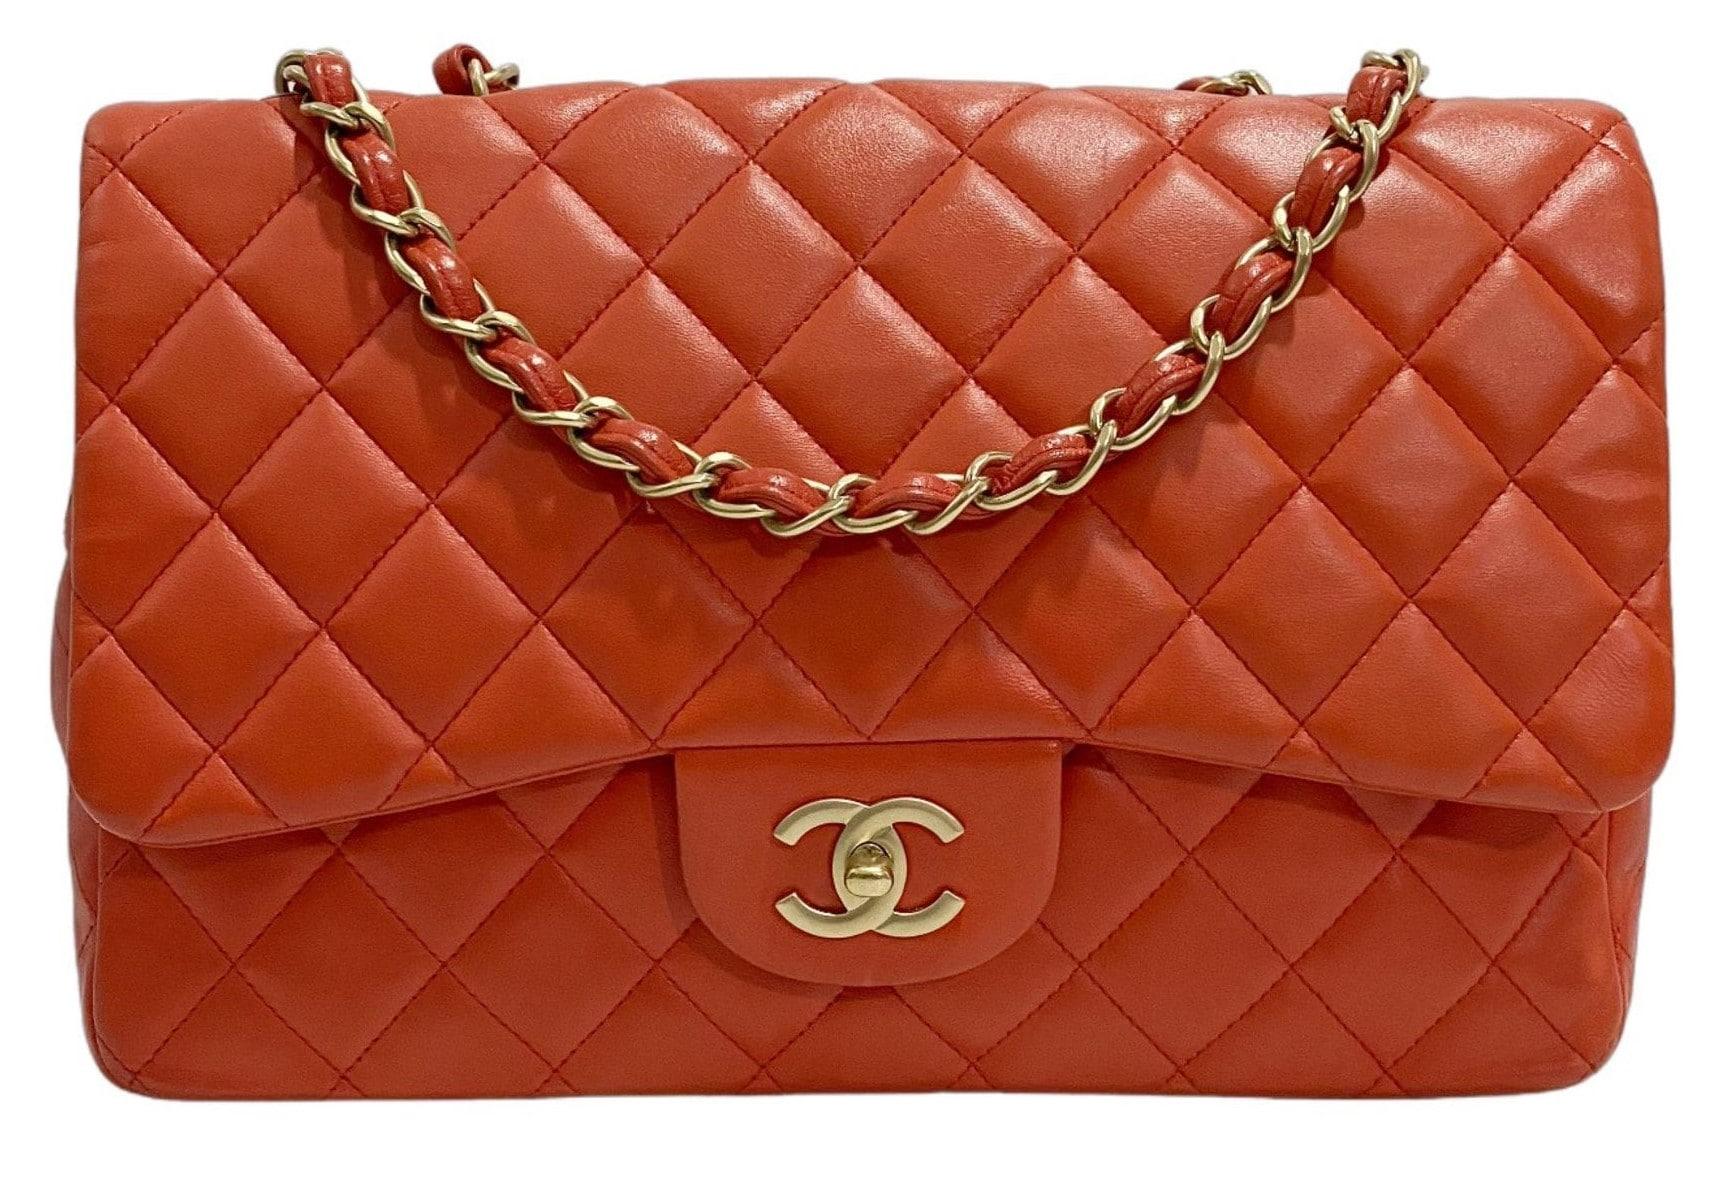 Pourquoi acheter un sac de luxe d'occasion